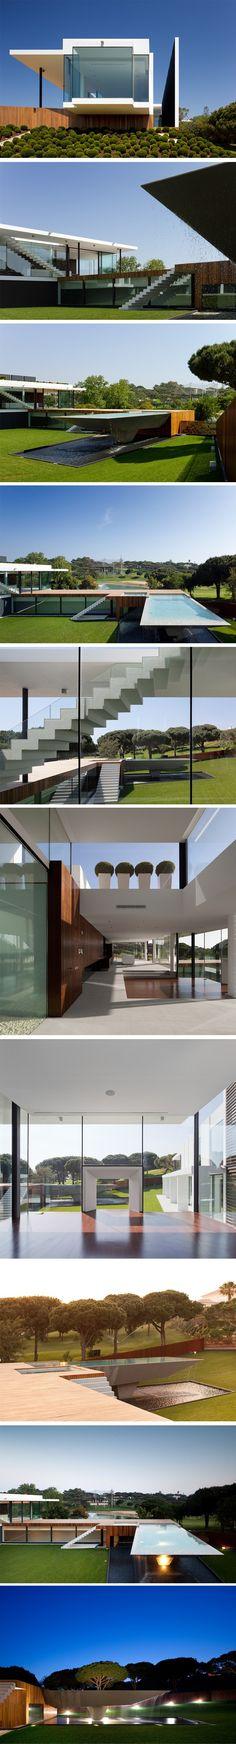 Casa Vale Do Lobo par Arqui+Arquitectura - Journal du Design